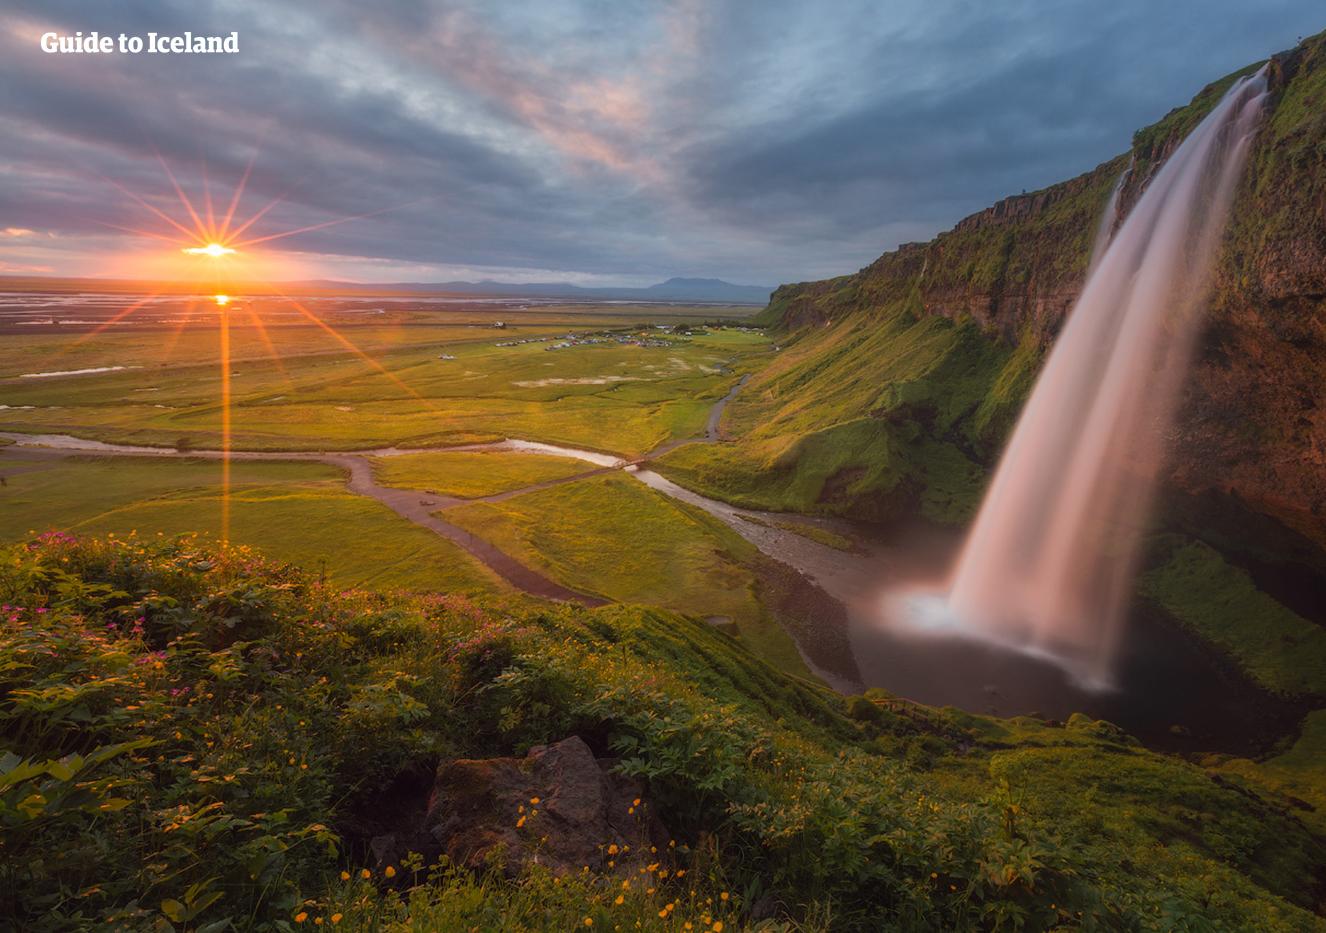 塞里雅兰瀑布瀑流狭窄,景色秀美